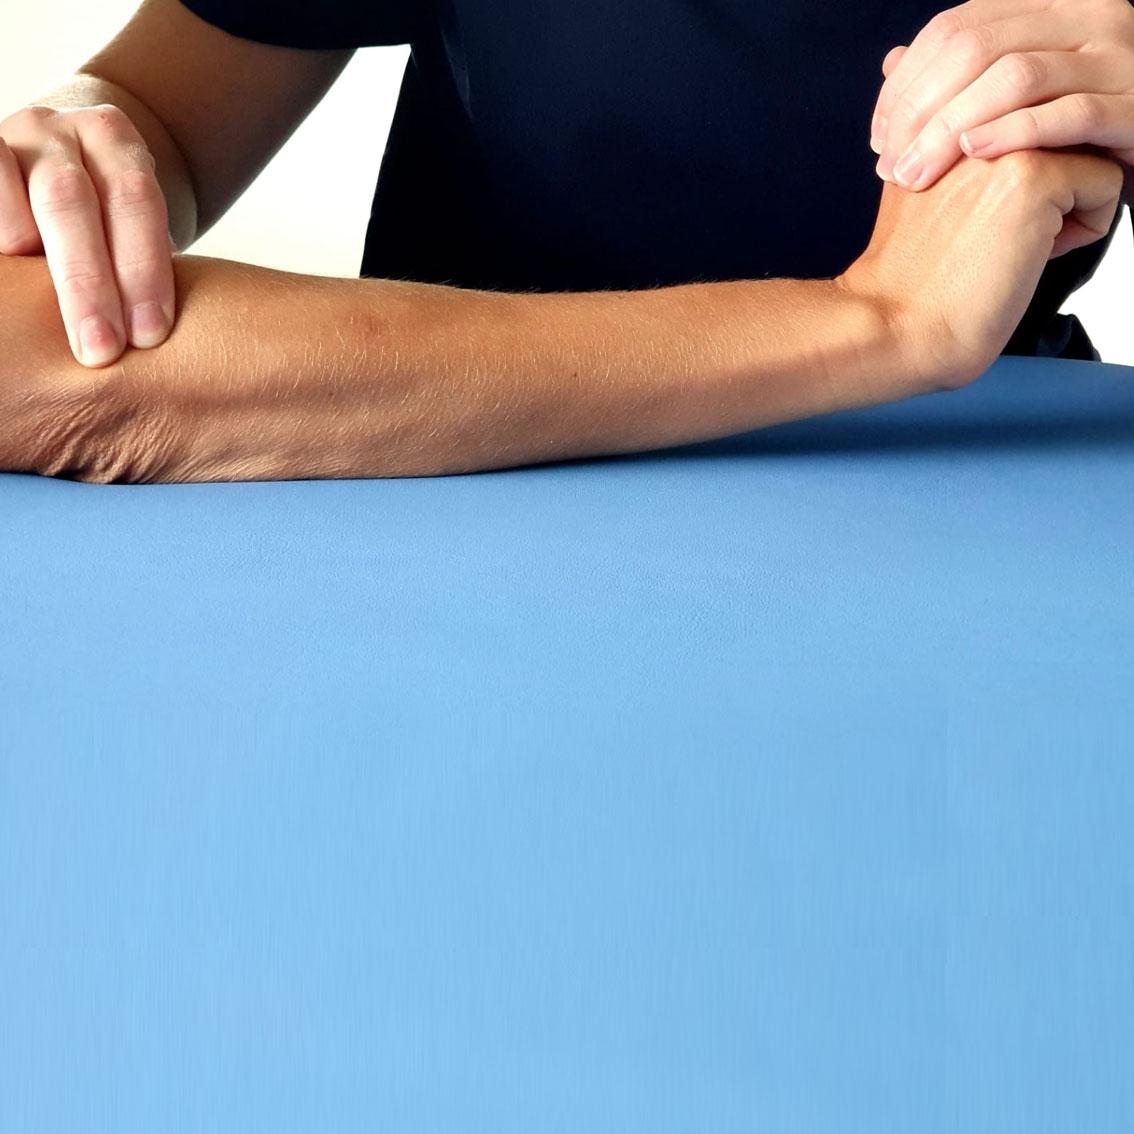 épicondylite, pathologie fréquente de la main